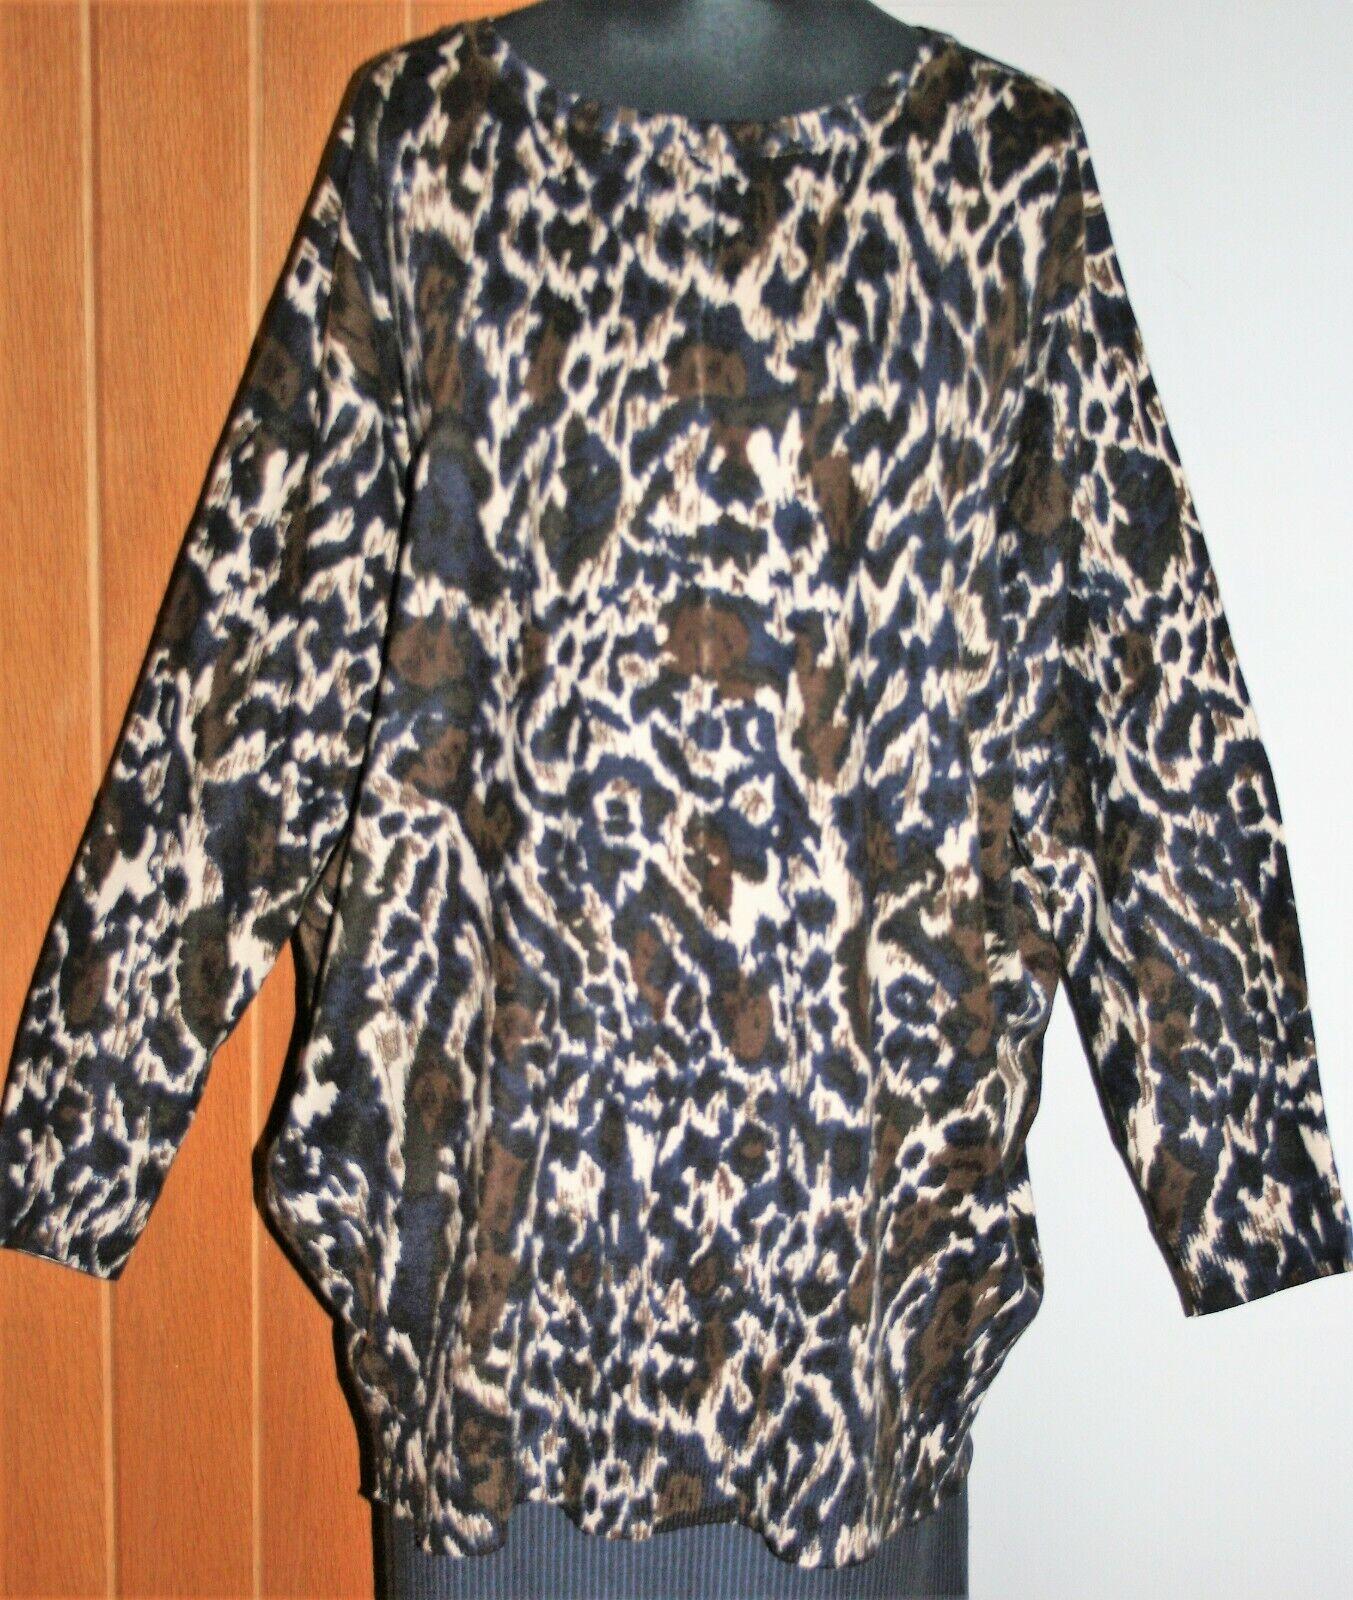 M&S M&S M&S Maglione Taglia più 60  Busto 18 Marronee Blu Nero Beige Lunga Ampia Batwing manica 7d9acc